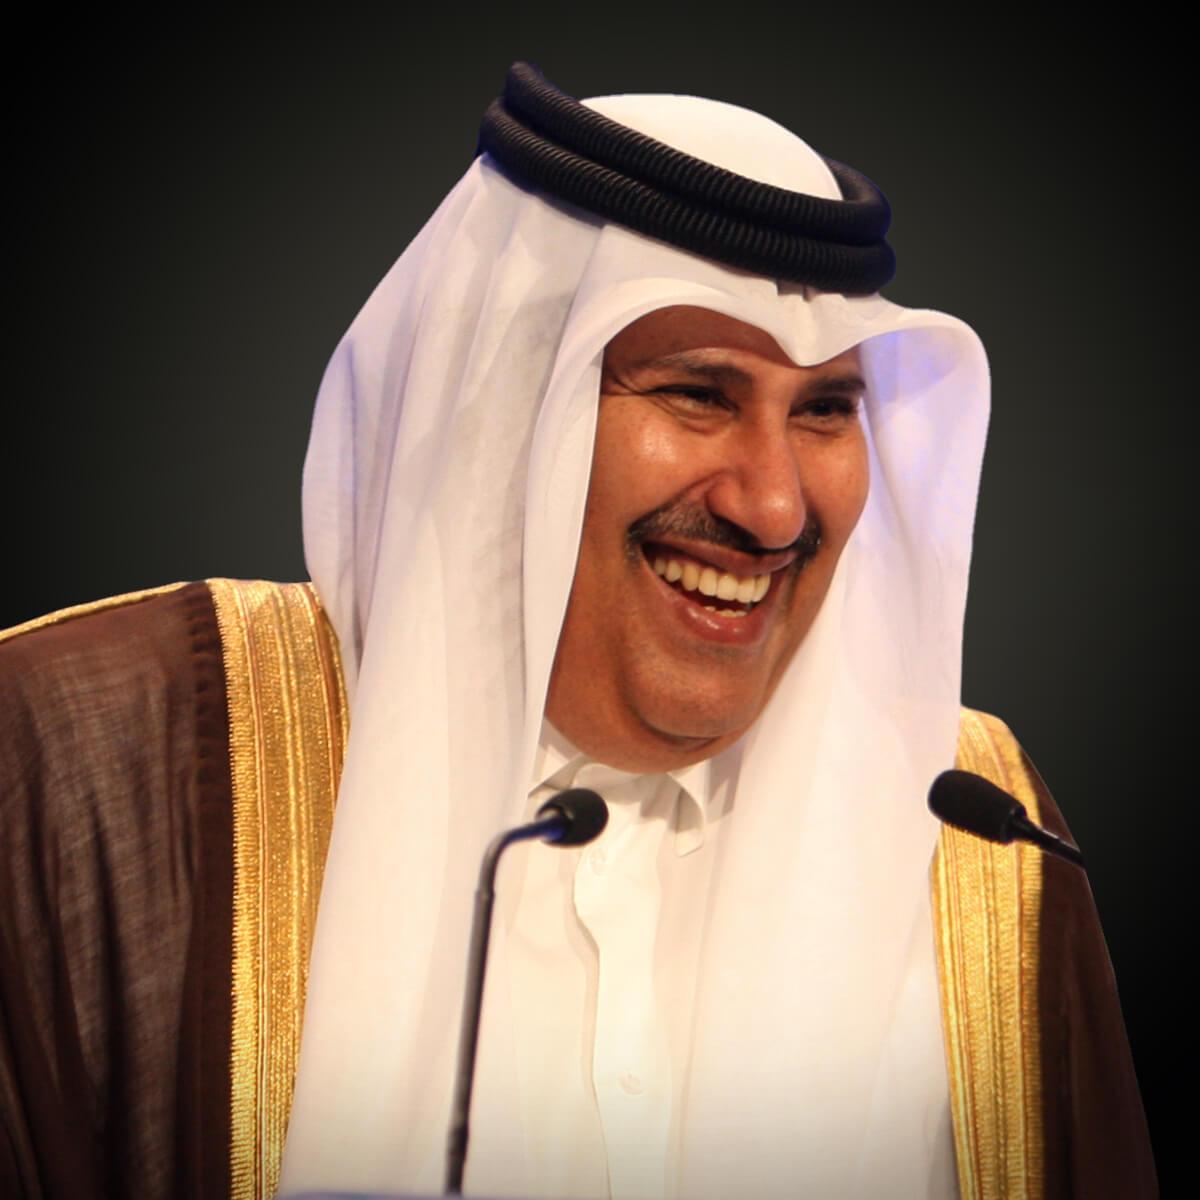 Hamad bin Jassim Al Thani